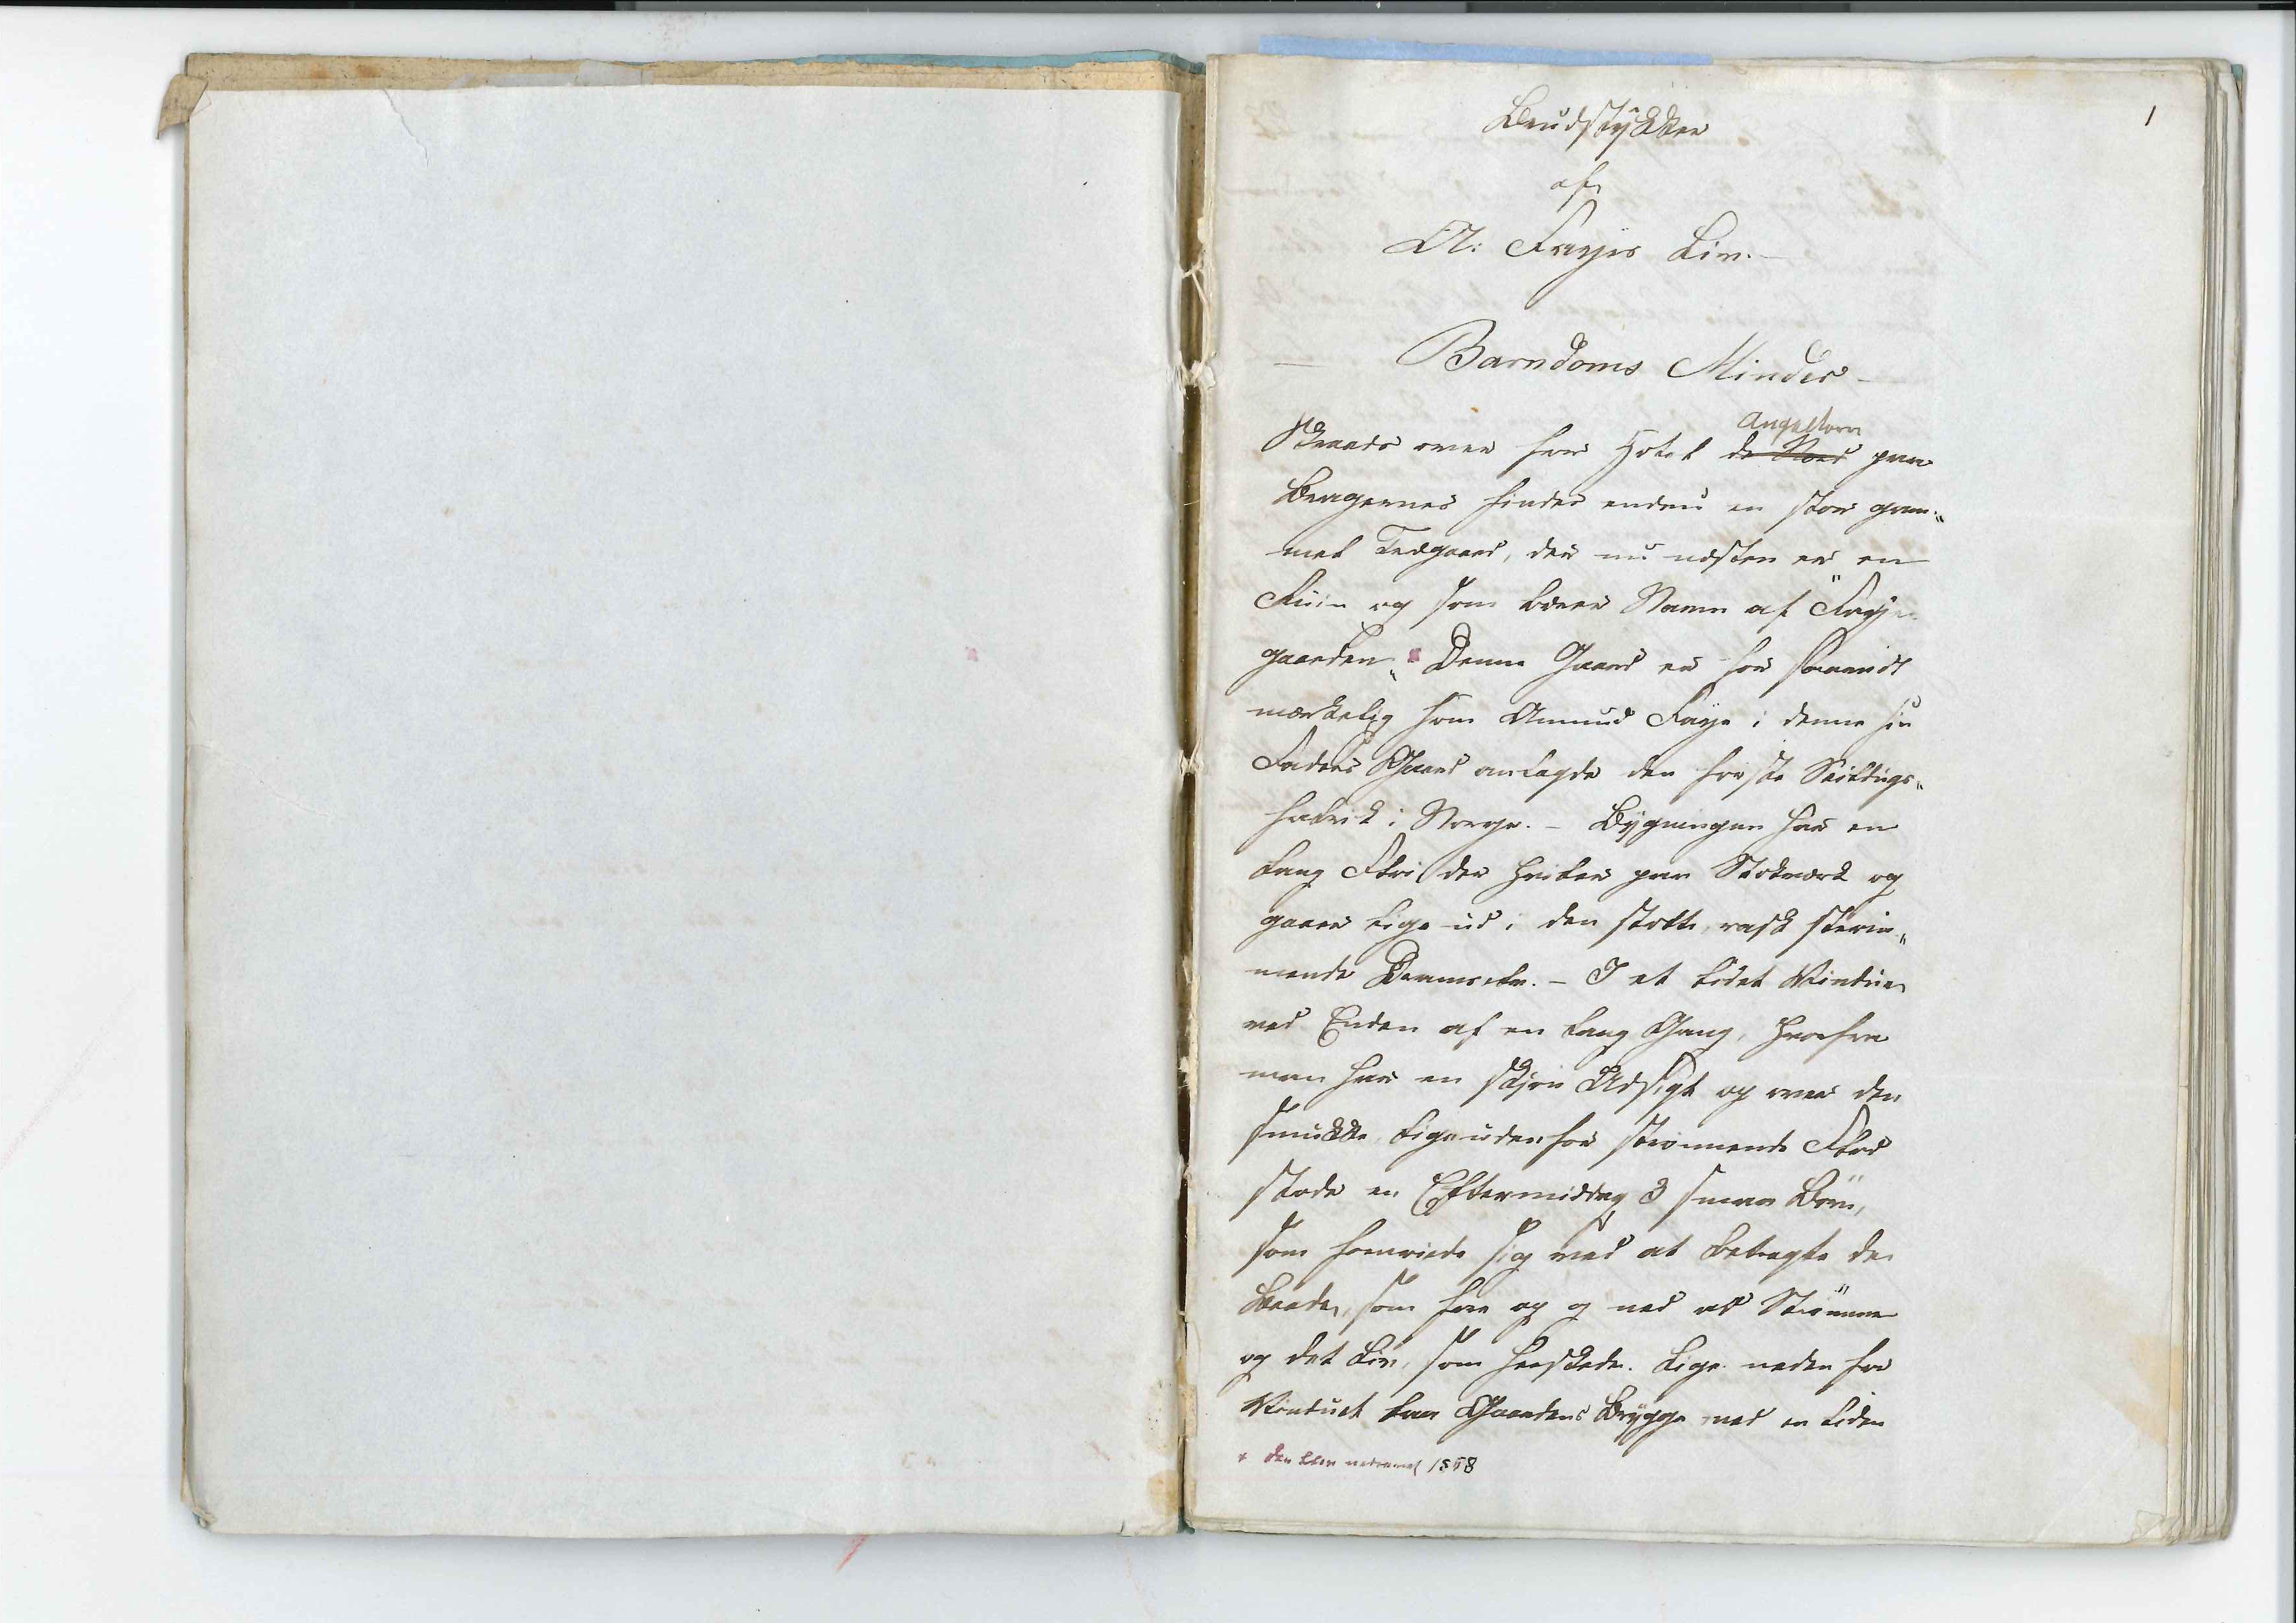 AAKS, Faye, Andreas, F/L0002: Memoarer og dagbøker, 1809-1825, s. 1